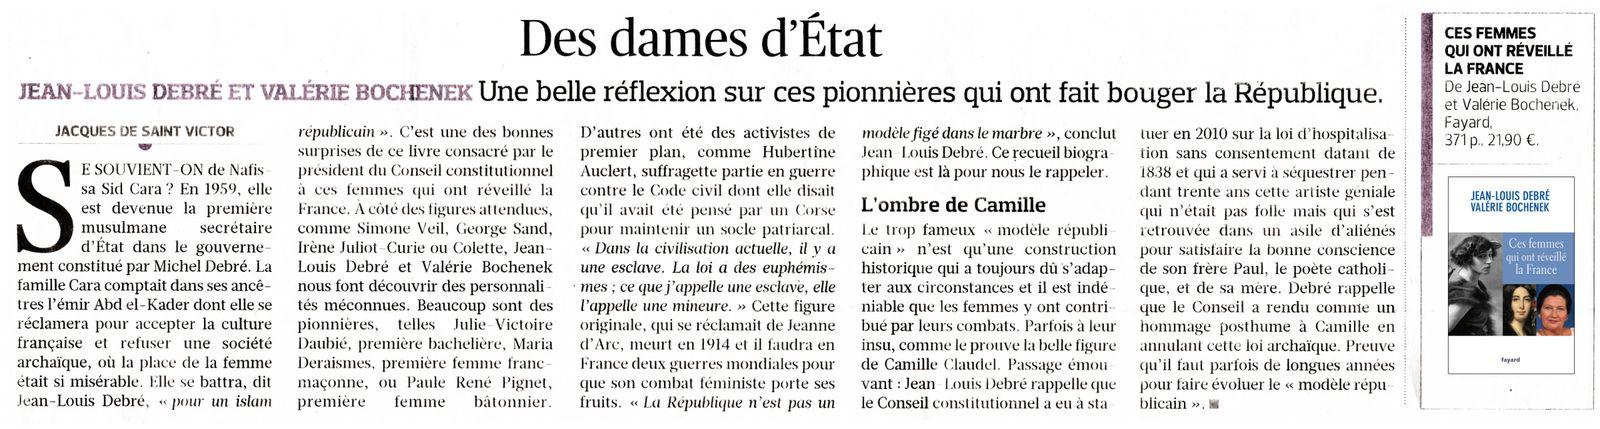 """Le Figaro du 14 février : """"Des dames d'État"""" par Jacques de Saint Victor"""